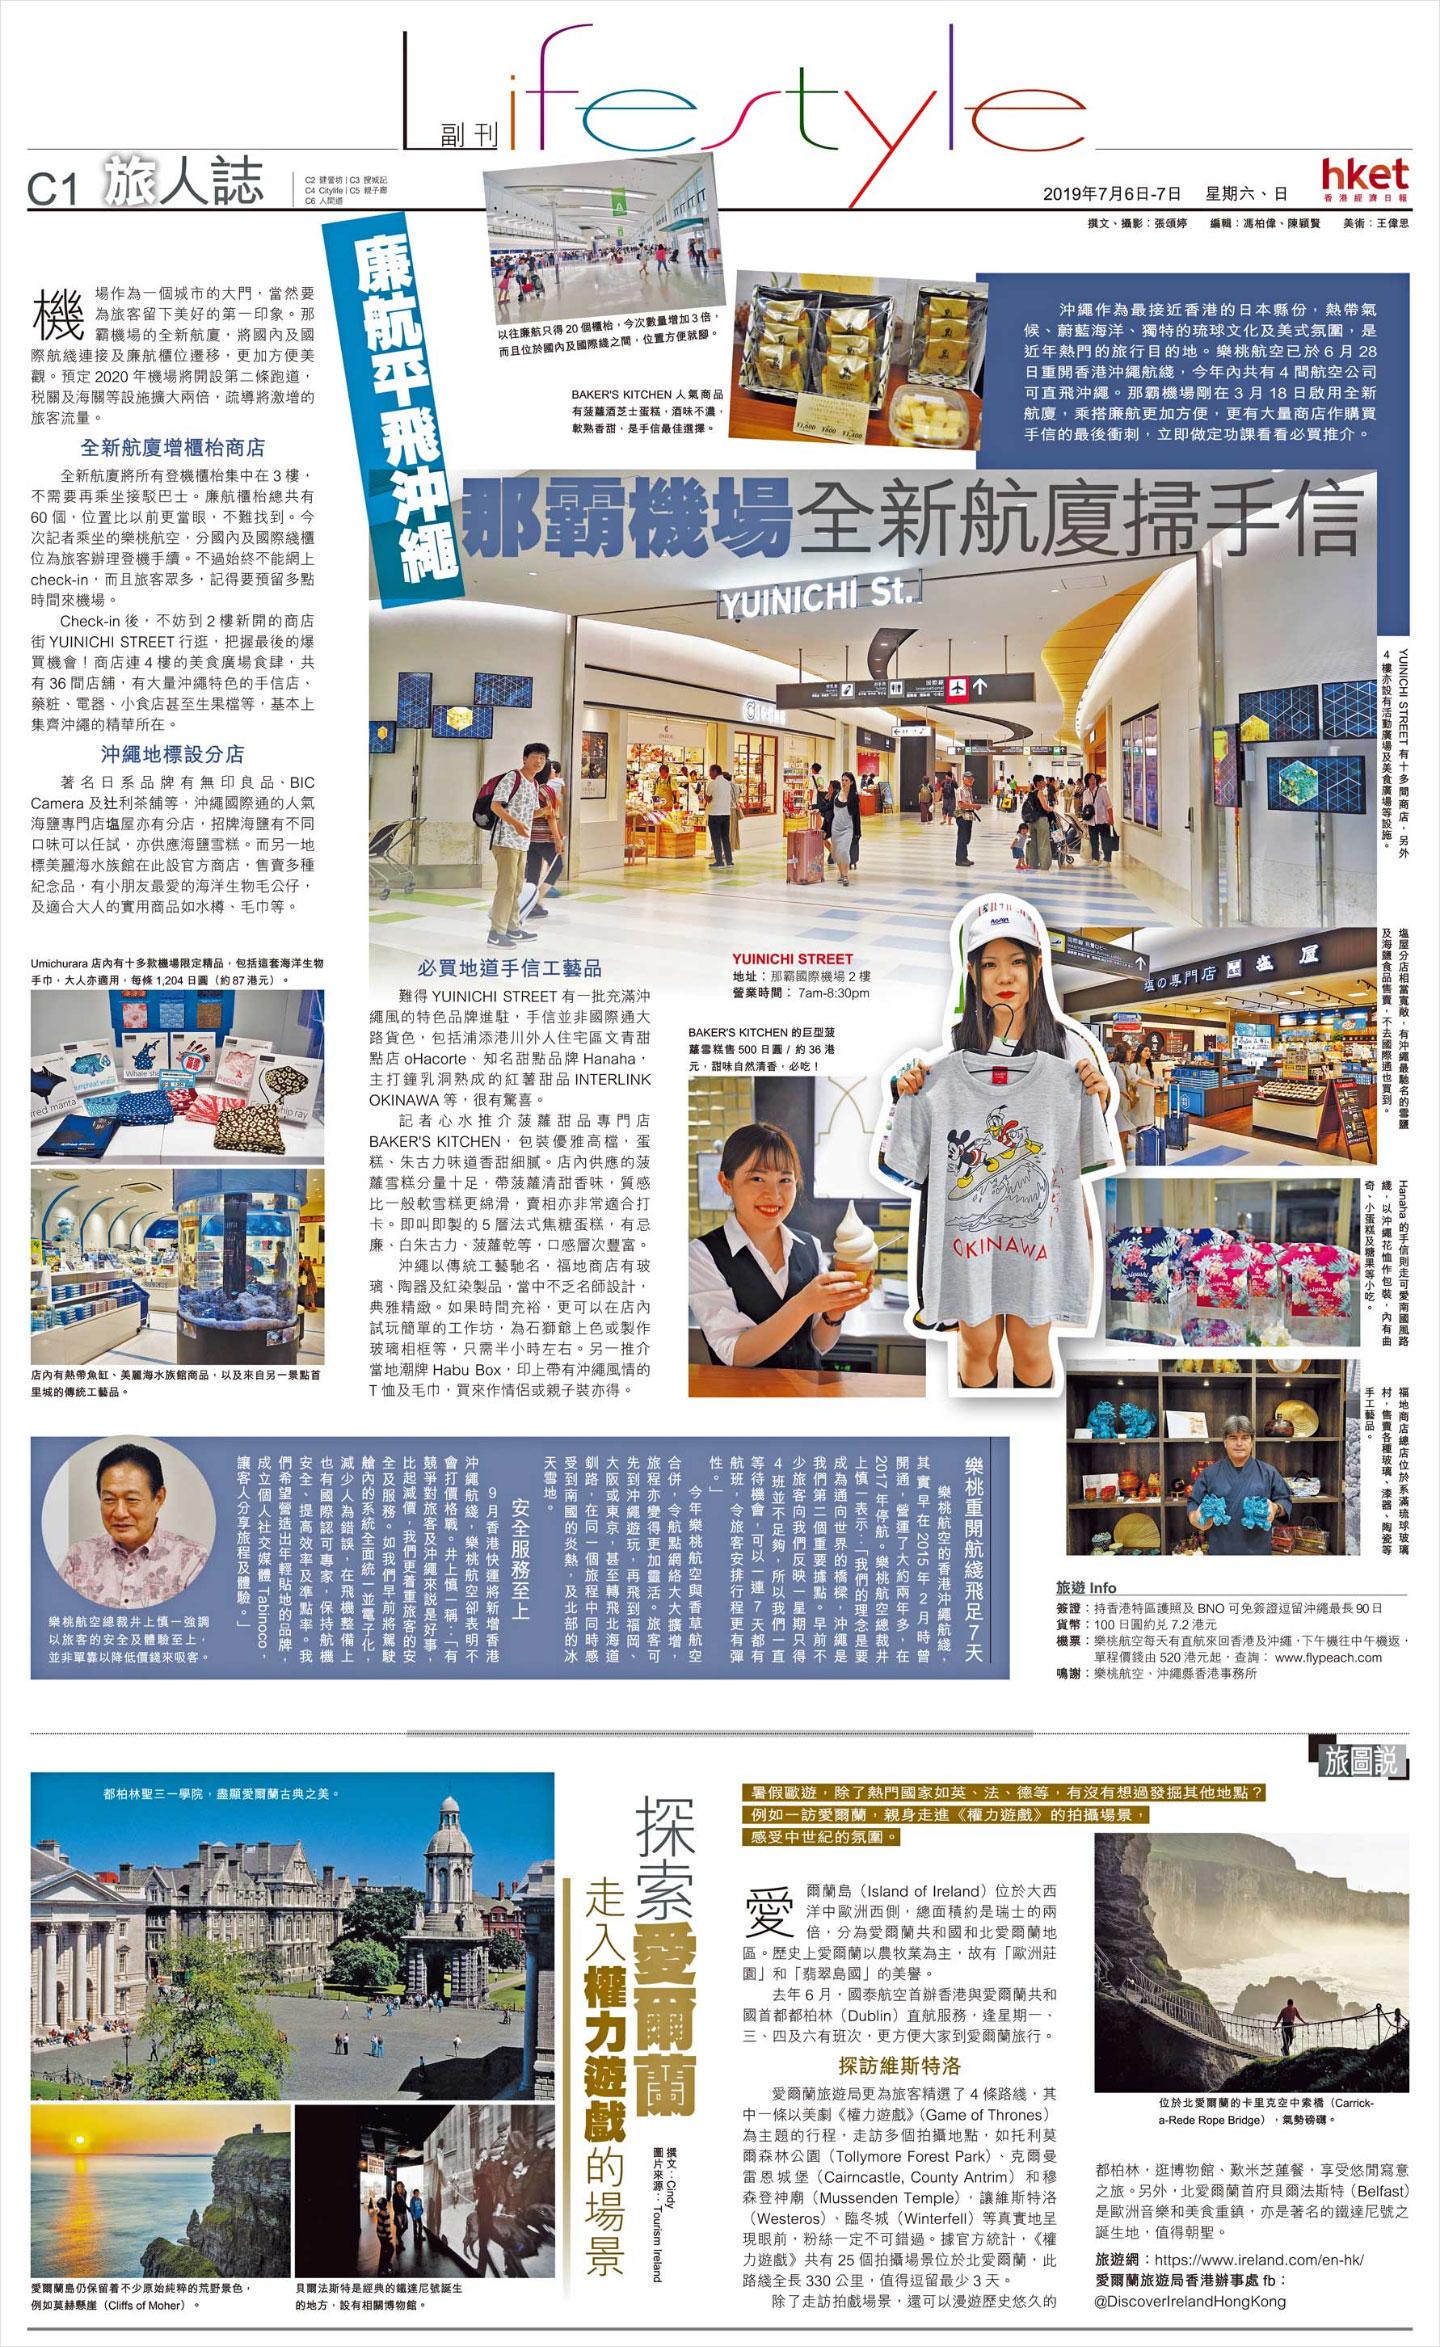 香港経済日報/Peach